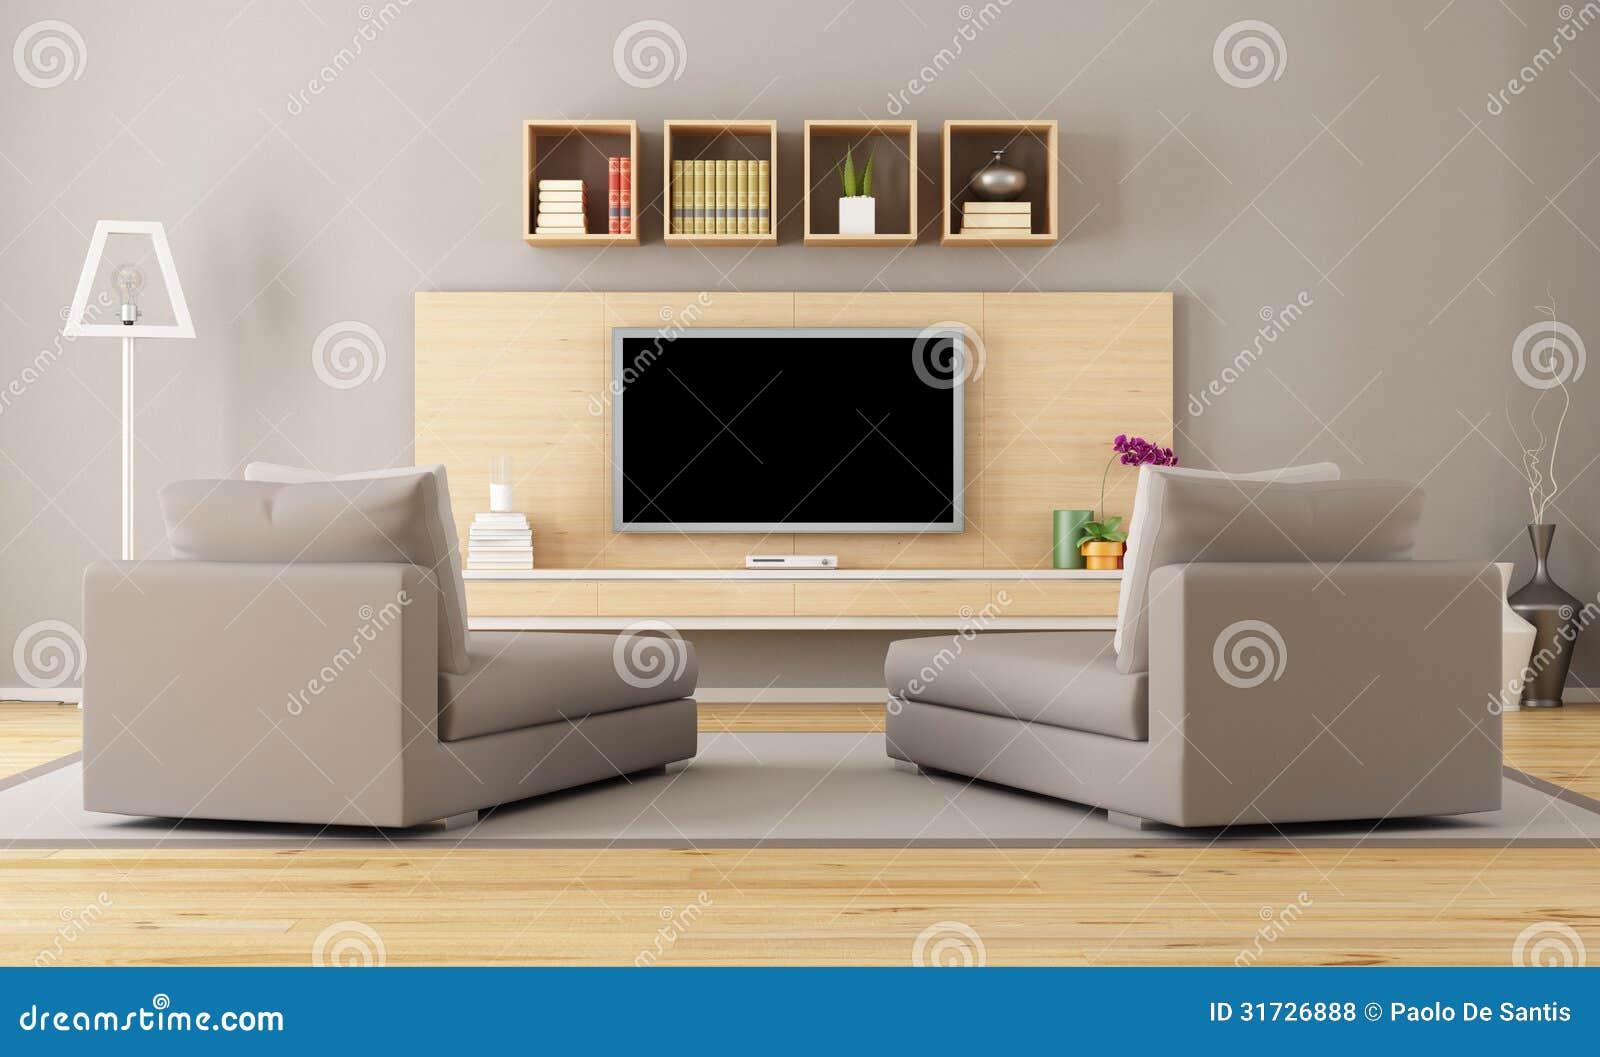 Wohnzimmer mit fernsehen stock abbildung illustration von for 7 1 wohnzimmer